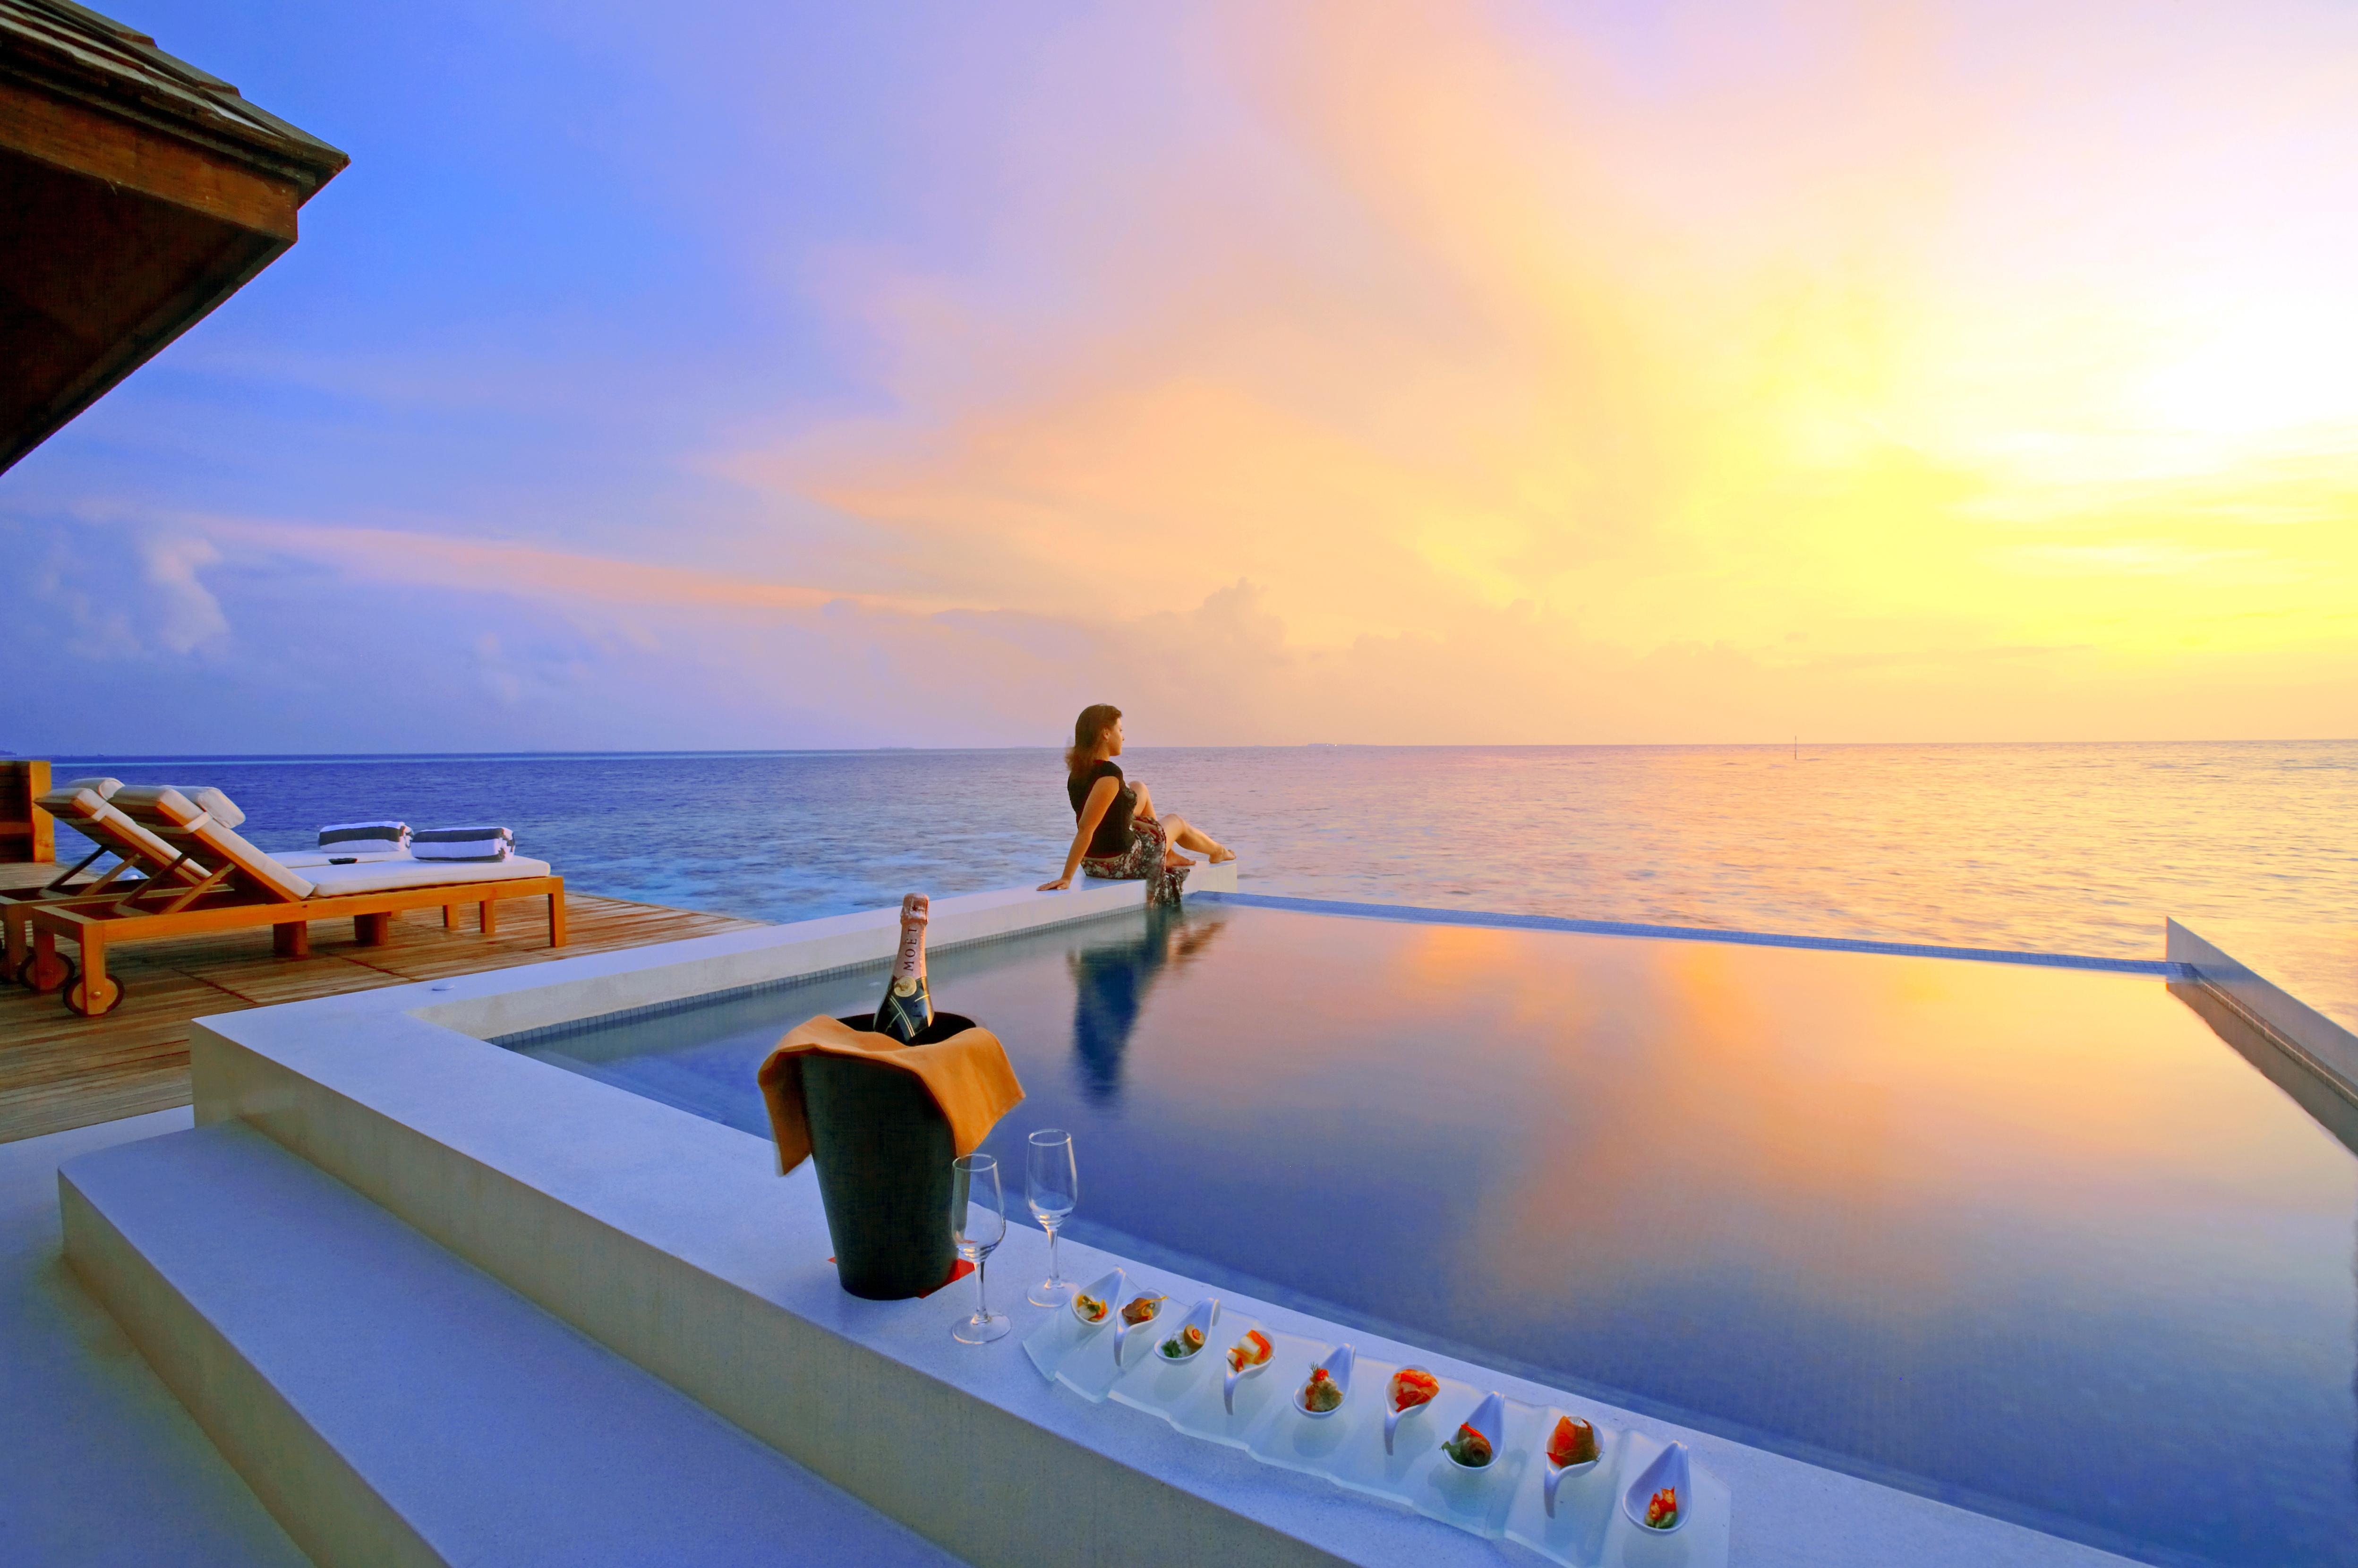 солнечный бассейн без смс